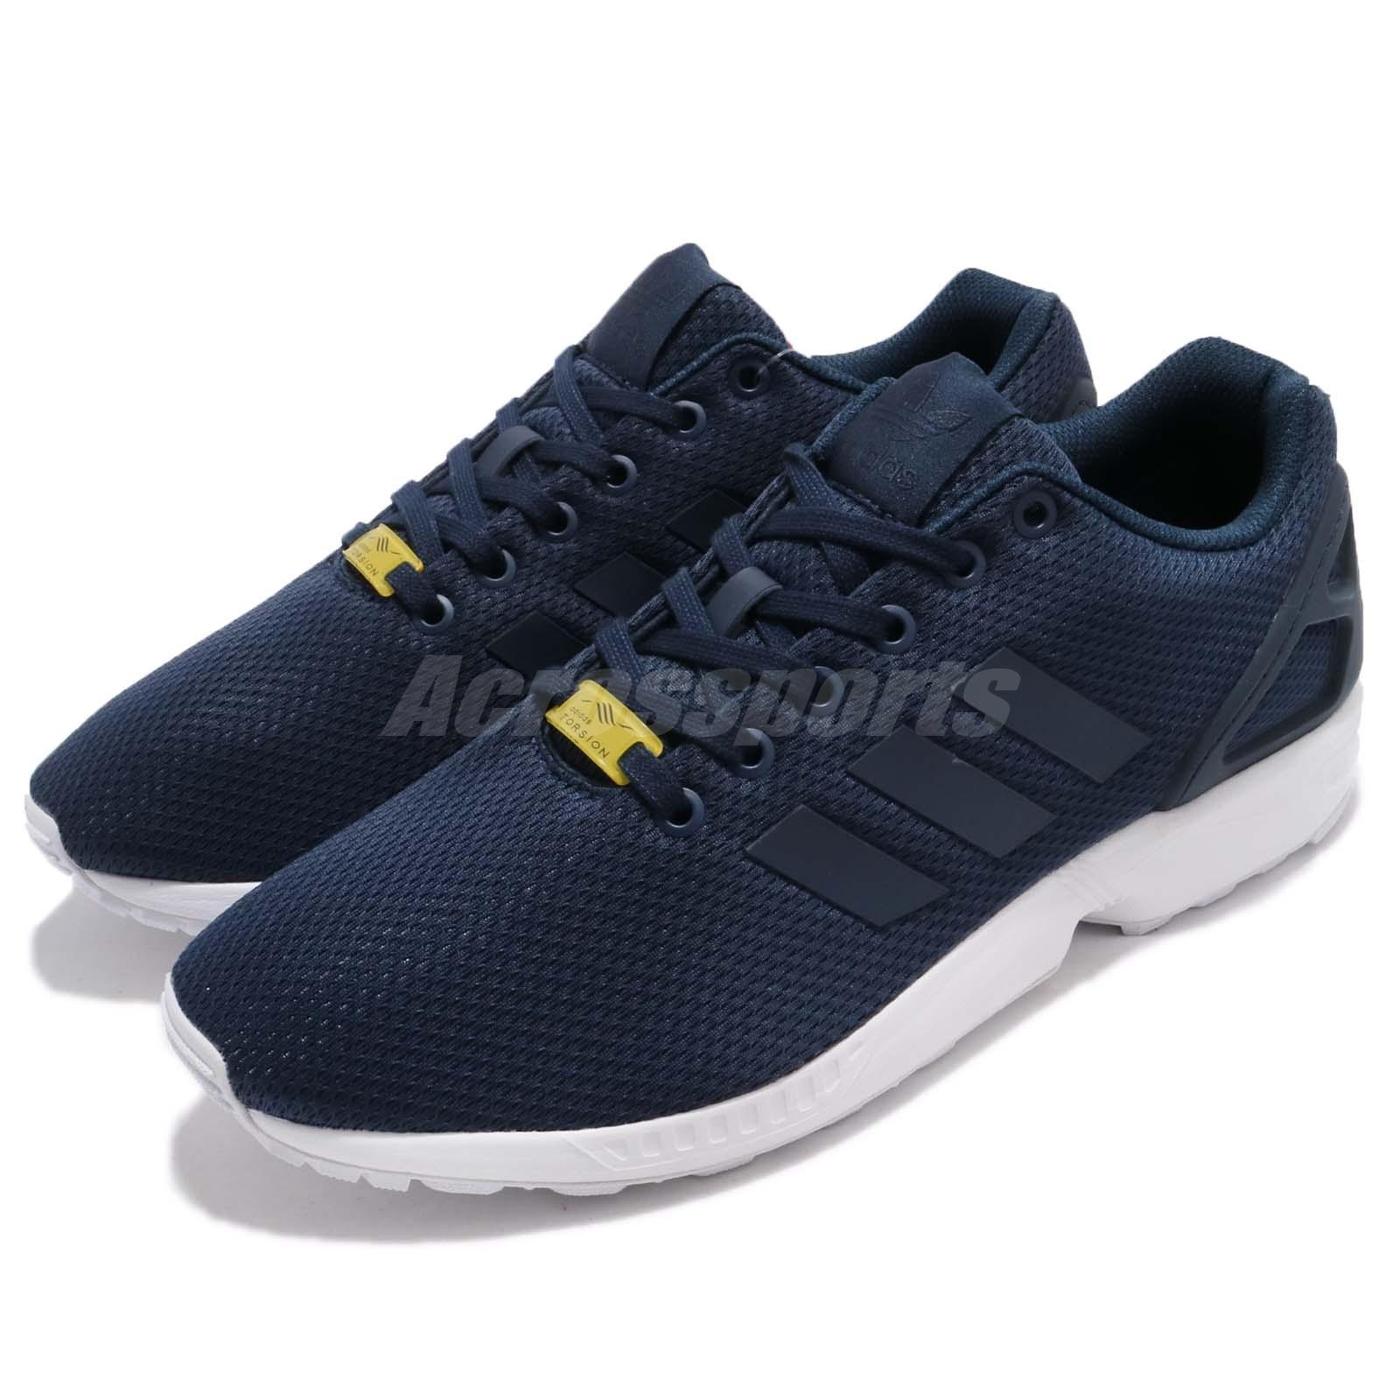 adidas休閒慢跑鞋ZX Flux藍白深藍色基本款百搭男鞋女鞋PUMP306 M19841